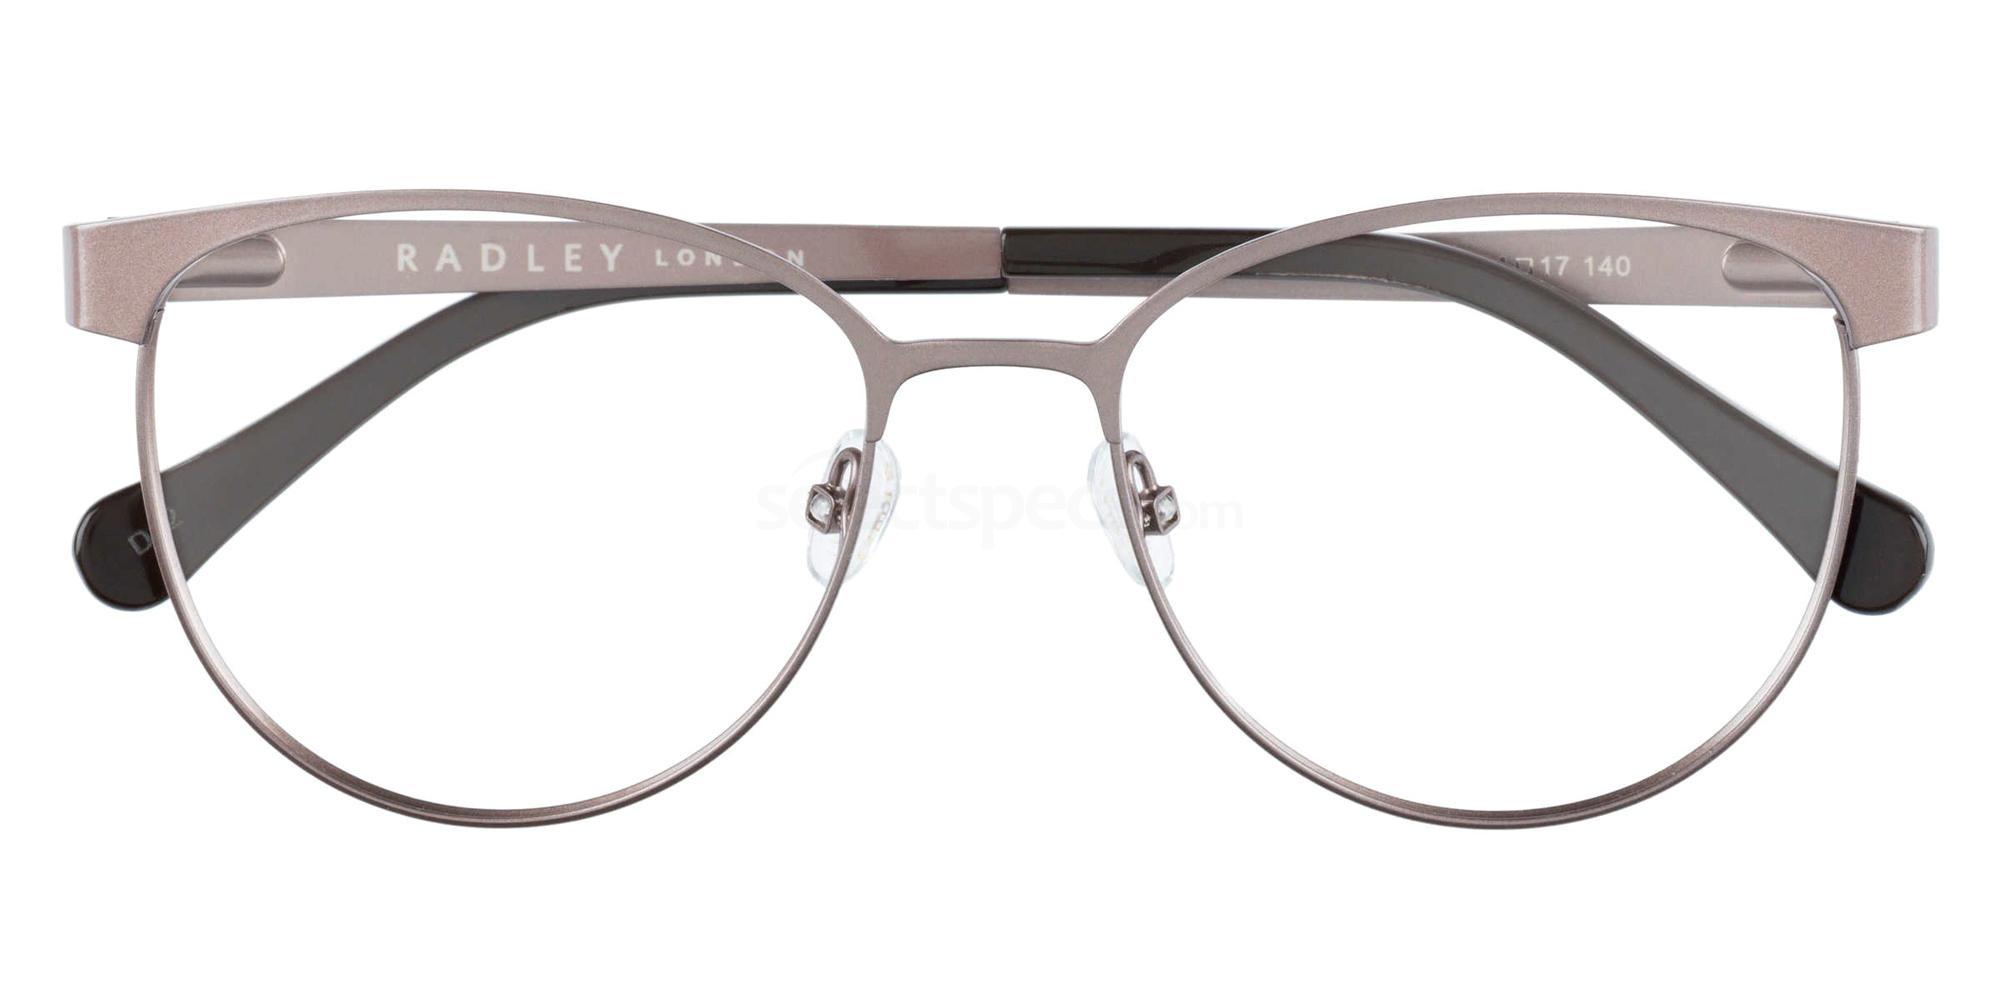 003 RDO-ARMELLE Glasses, Radley London